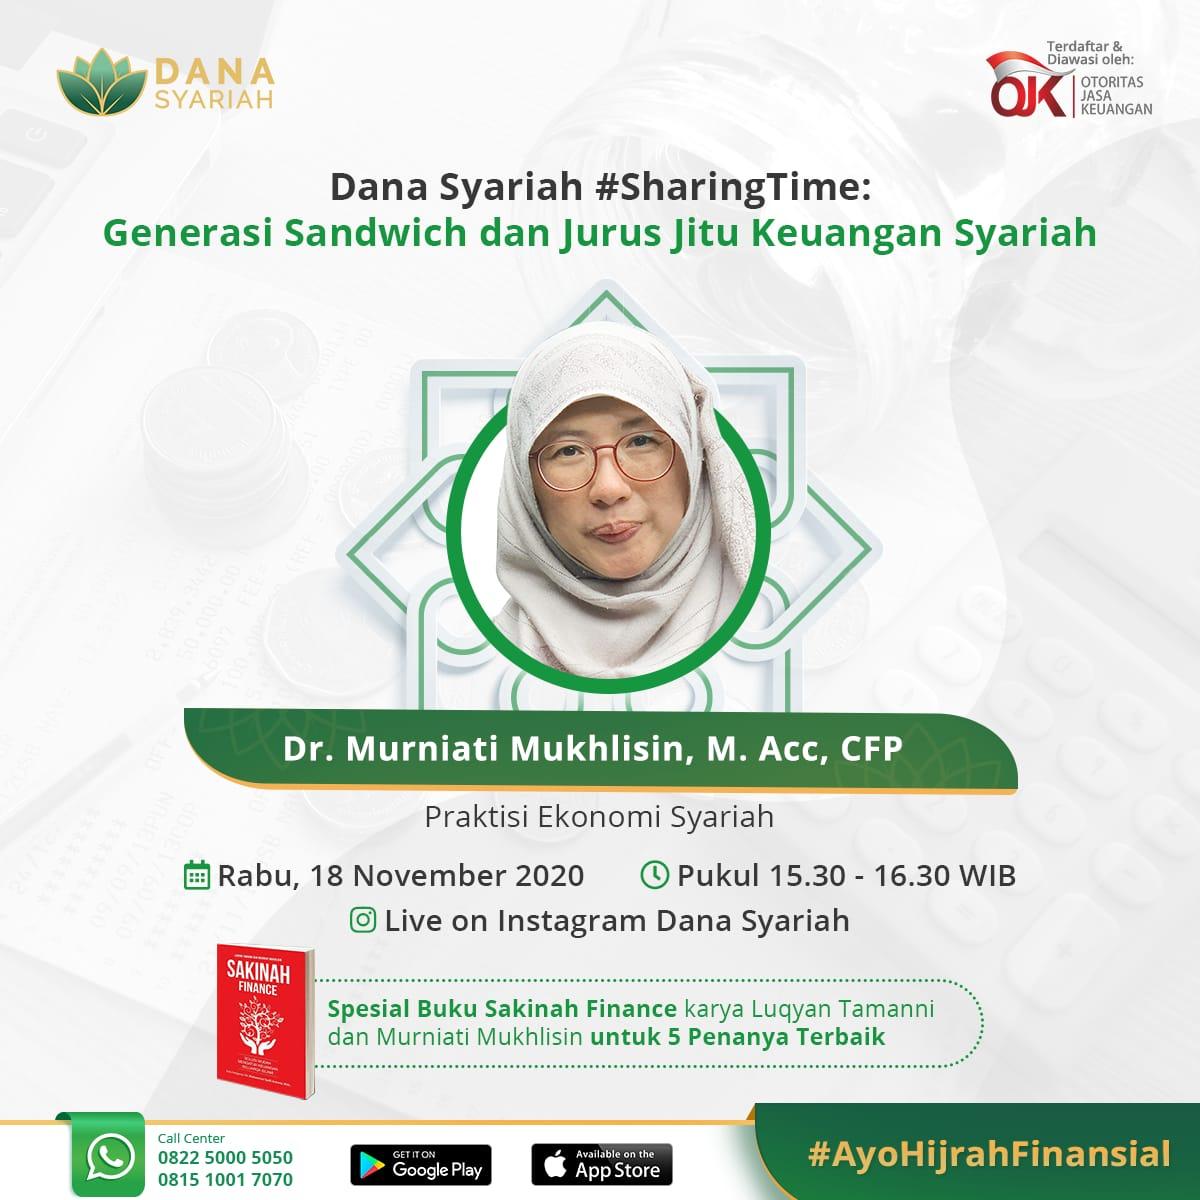 Dana Syariah Generasi Sandwich dan Jurus Jitu Keuangan Syariah #SharingTime